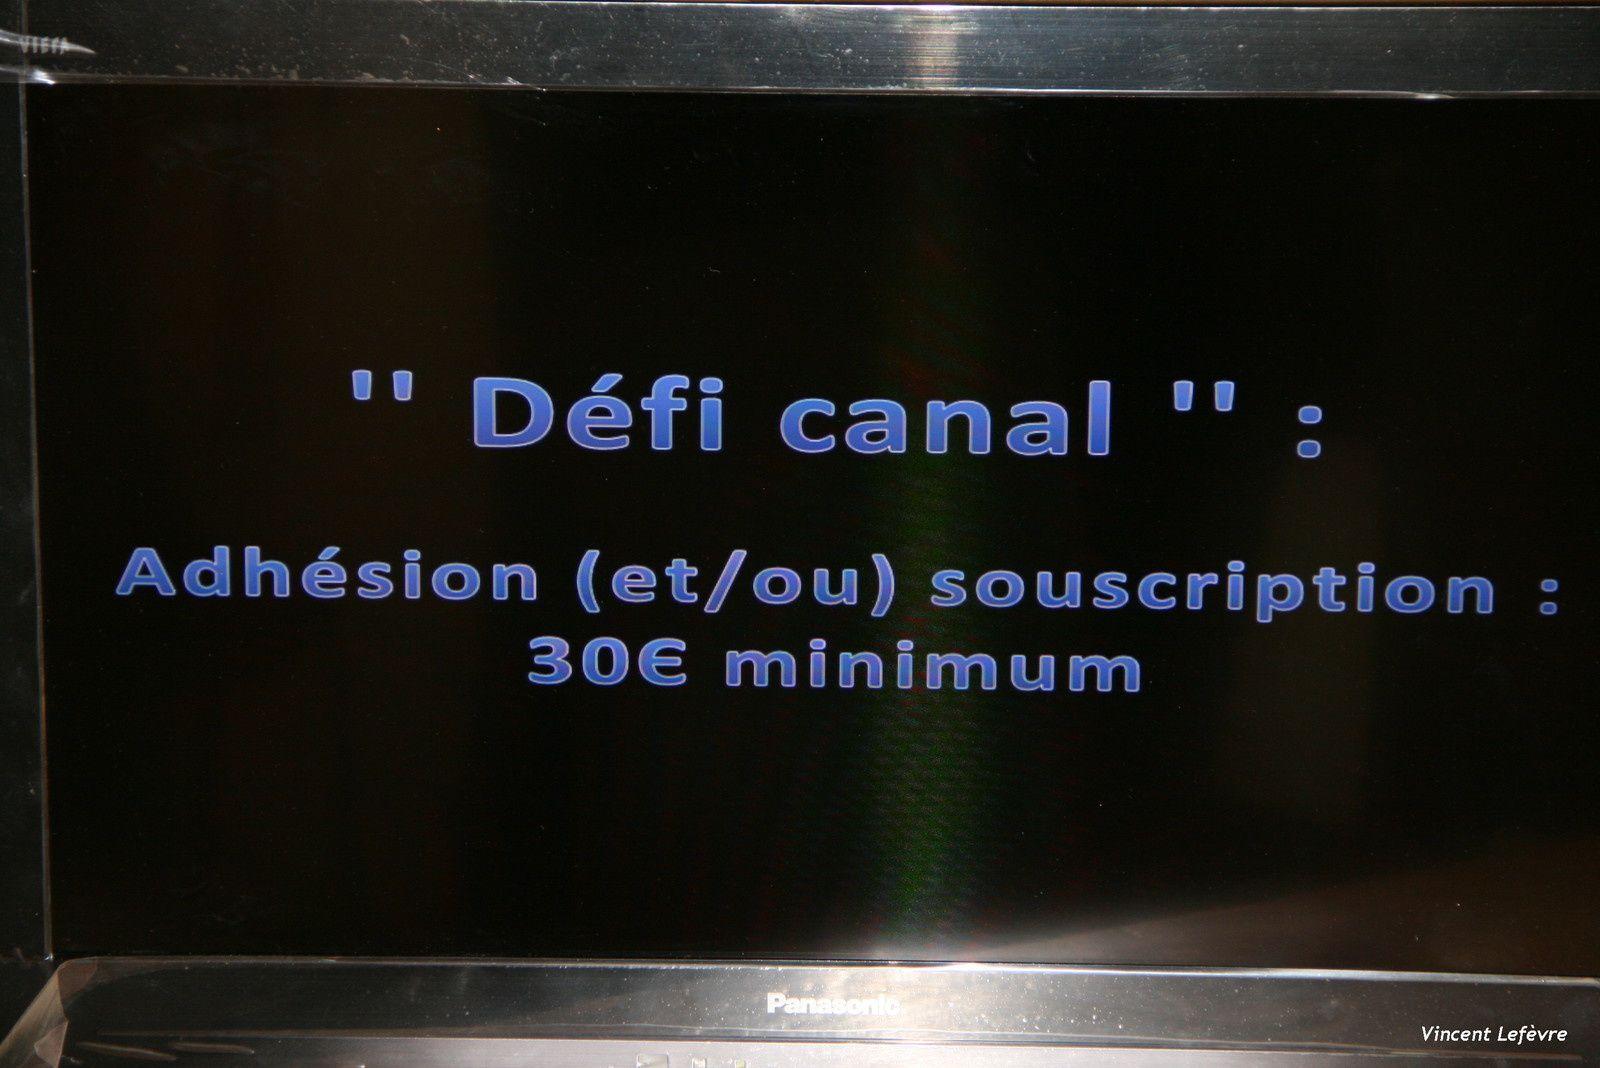 Assemblée générale ordinaire de l'association Défi Canal, compte rendu :